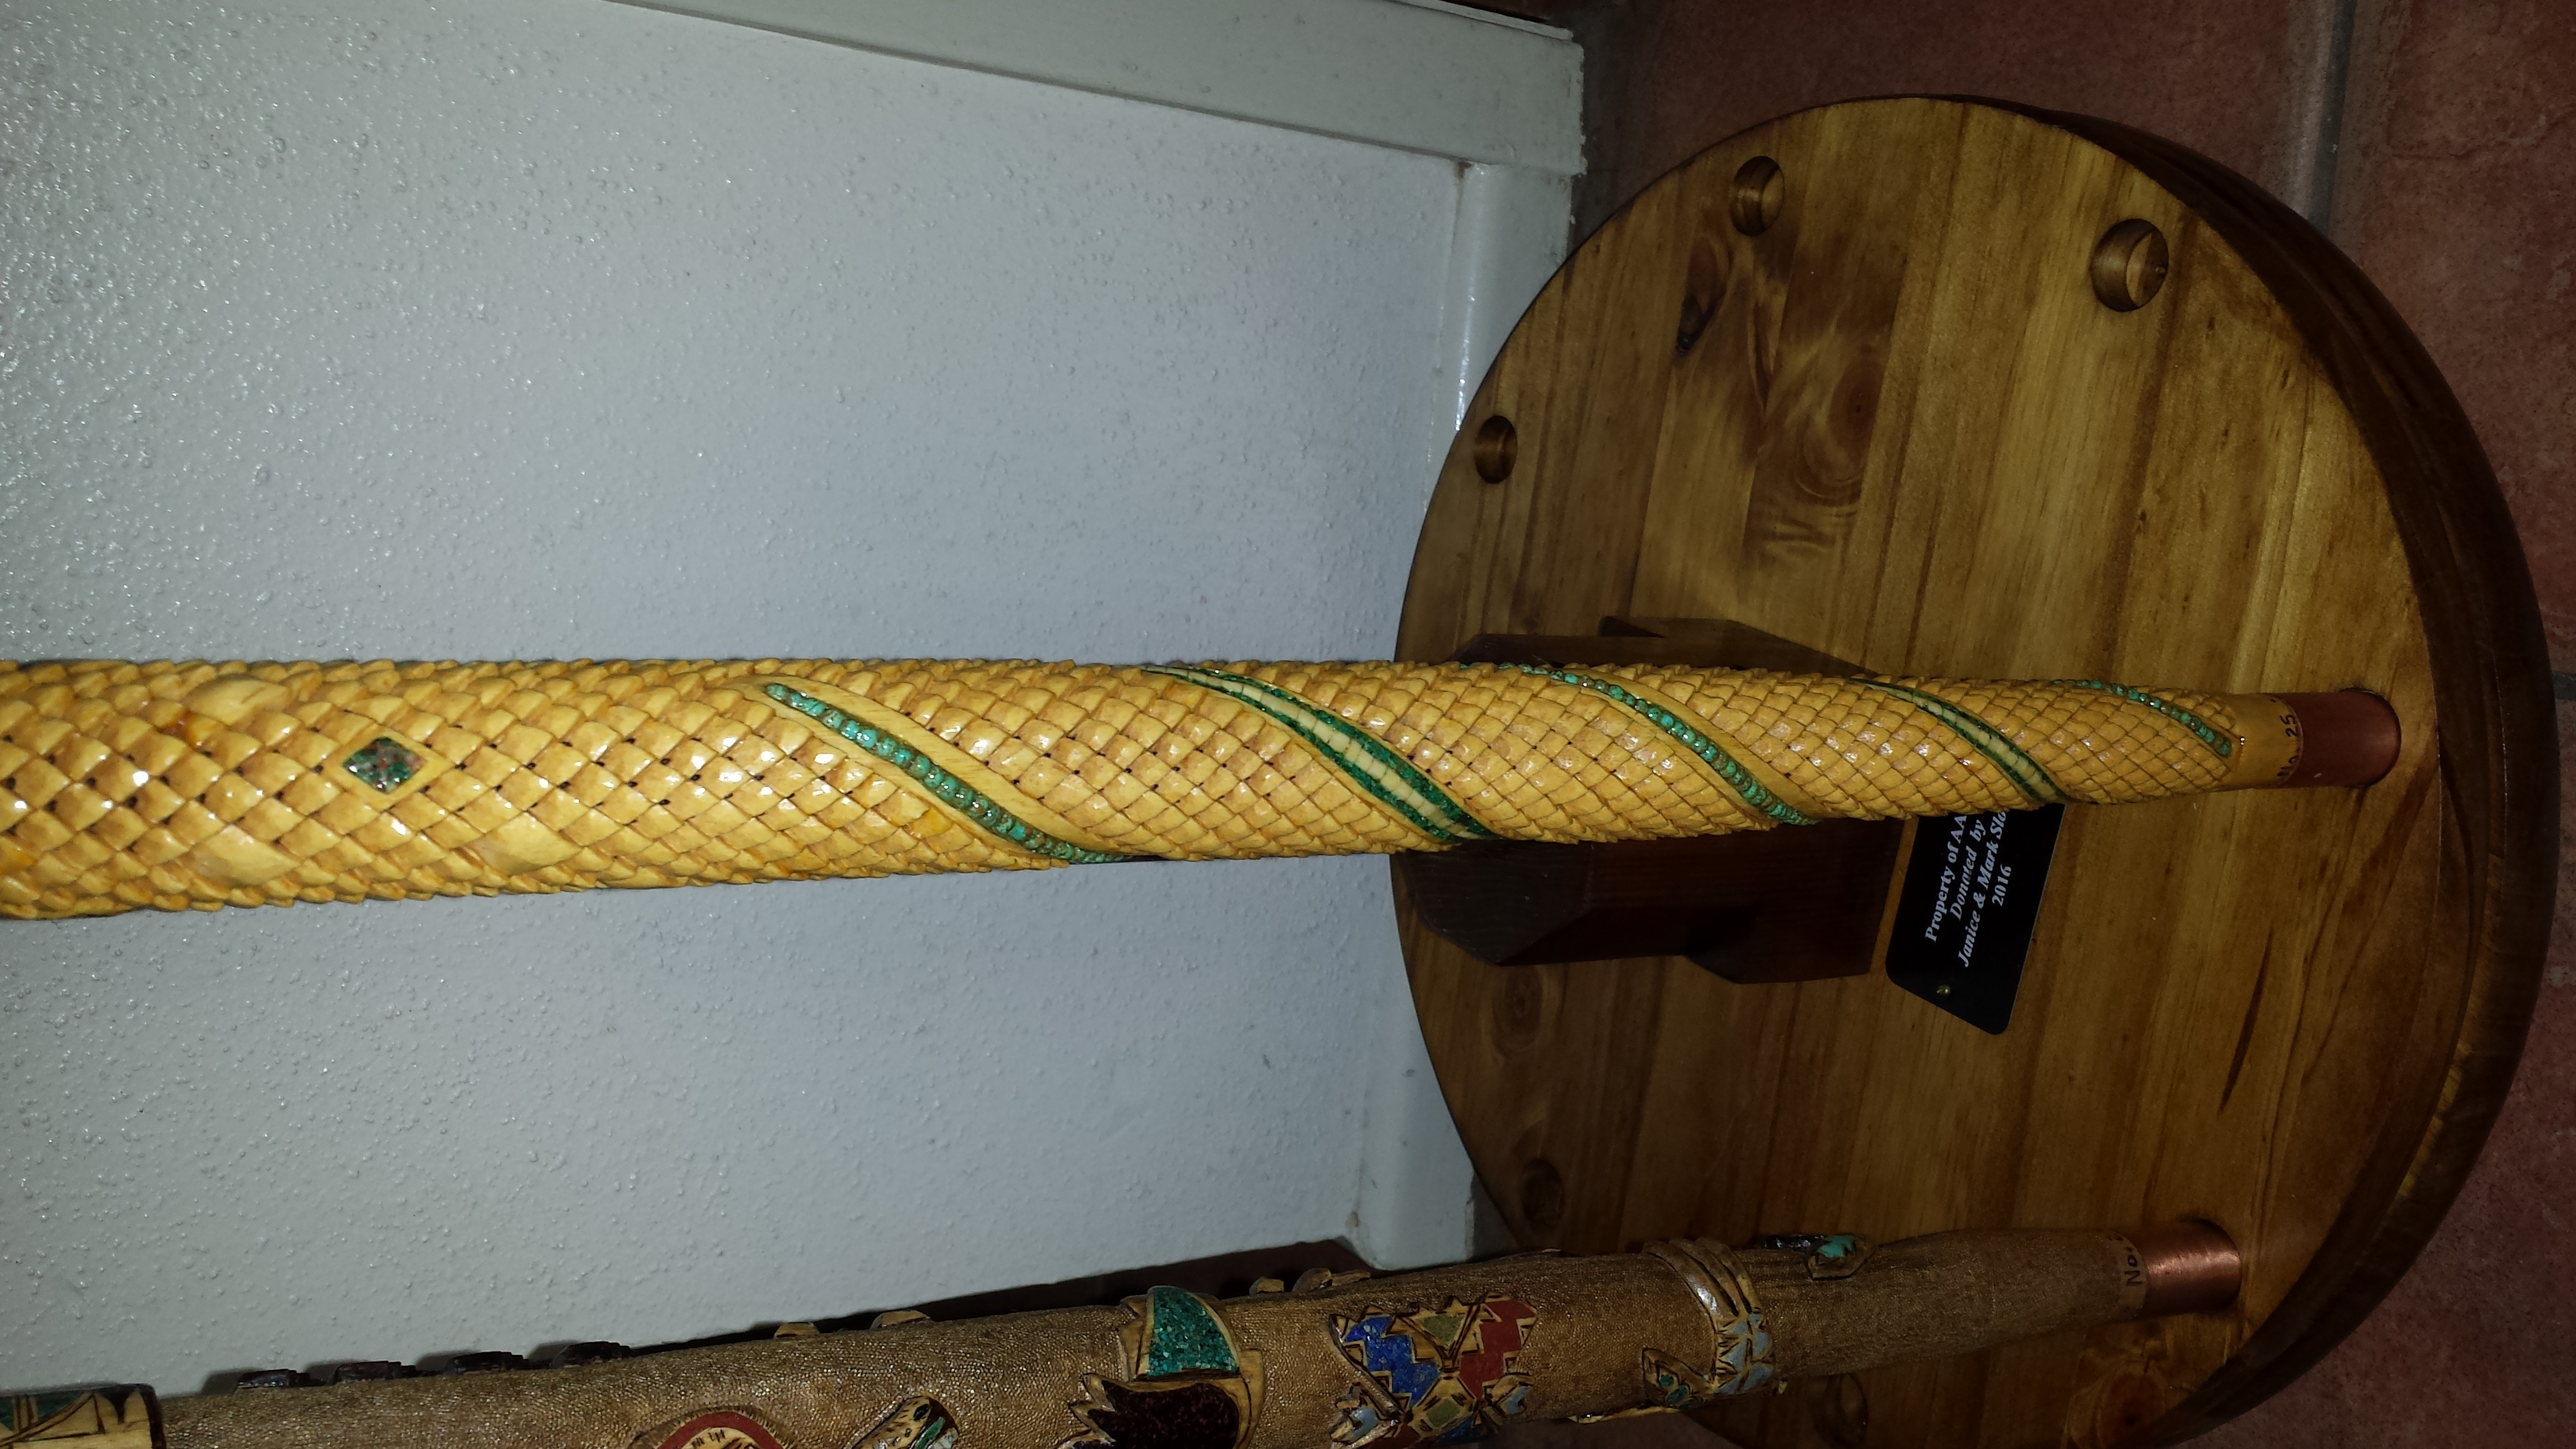 Pinecone w/ Spirals Cane